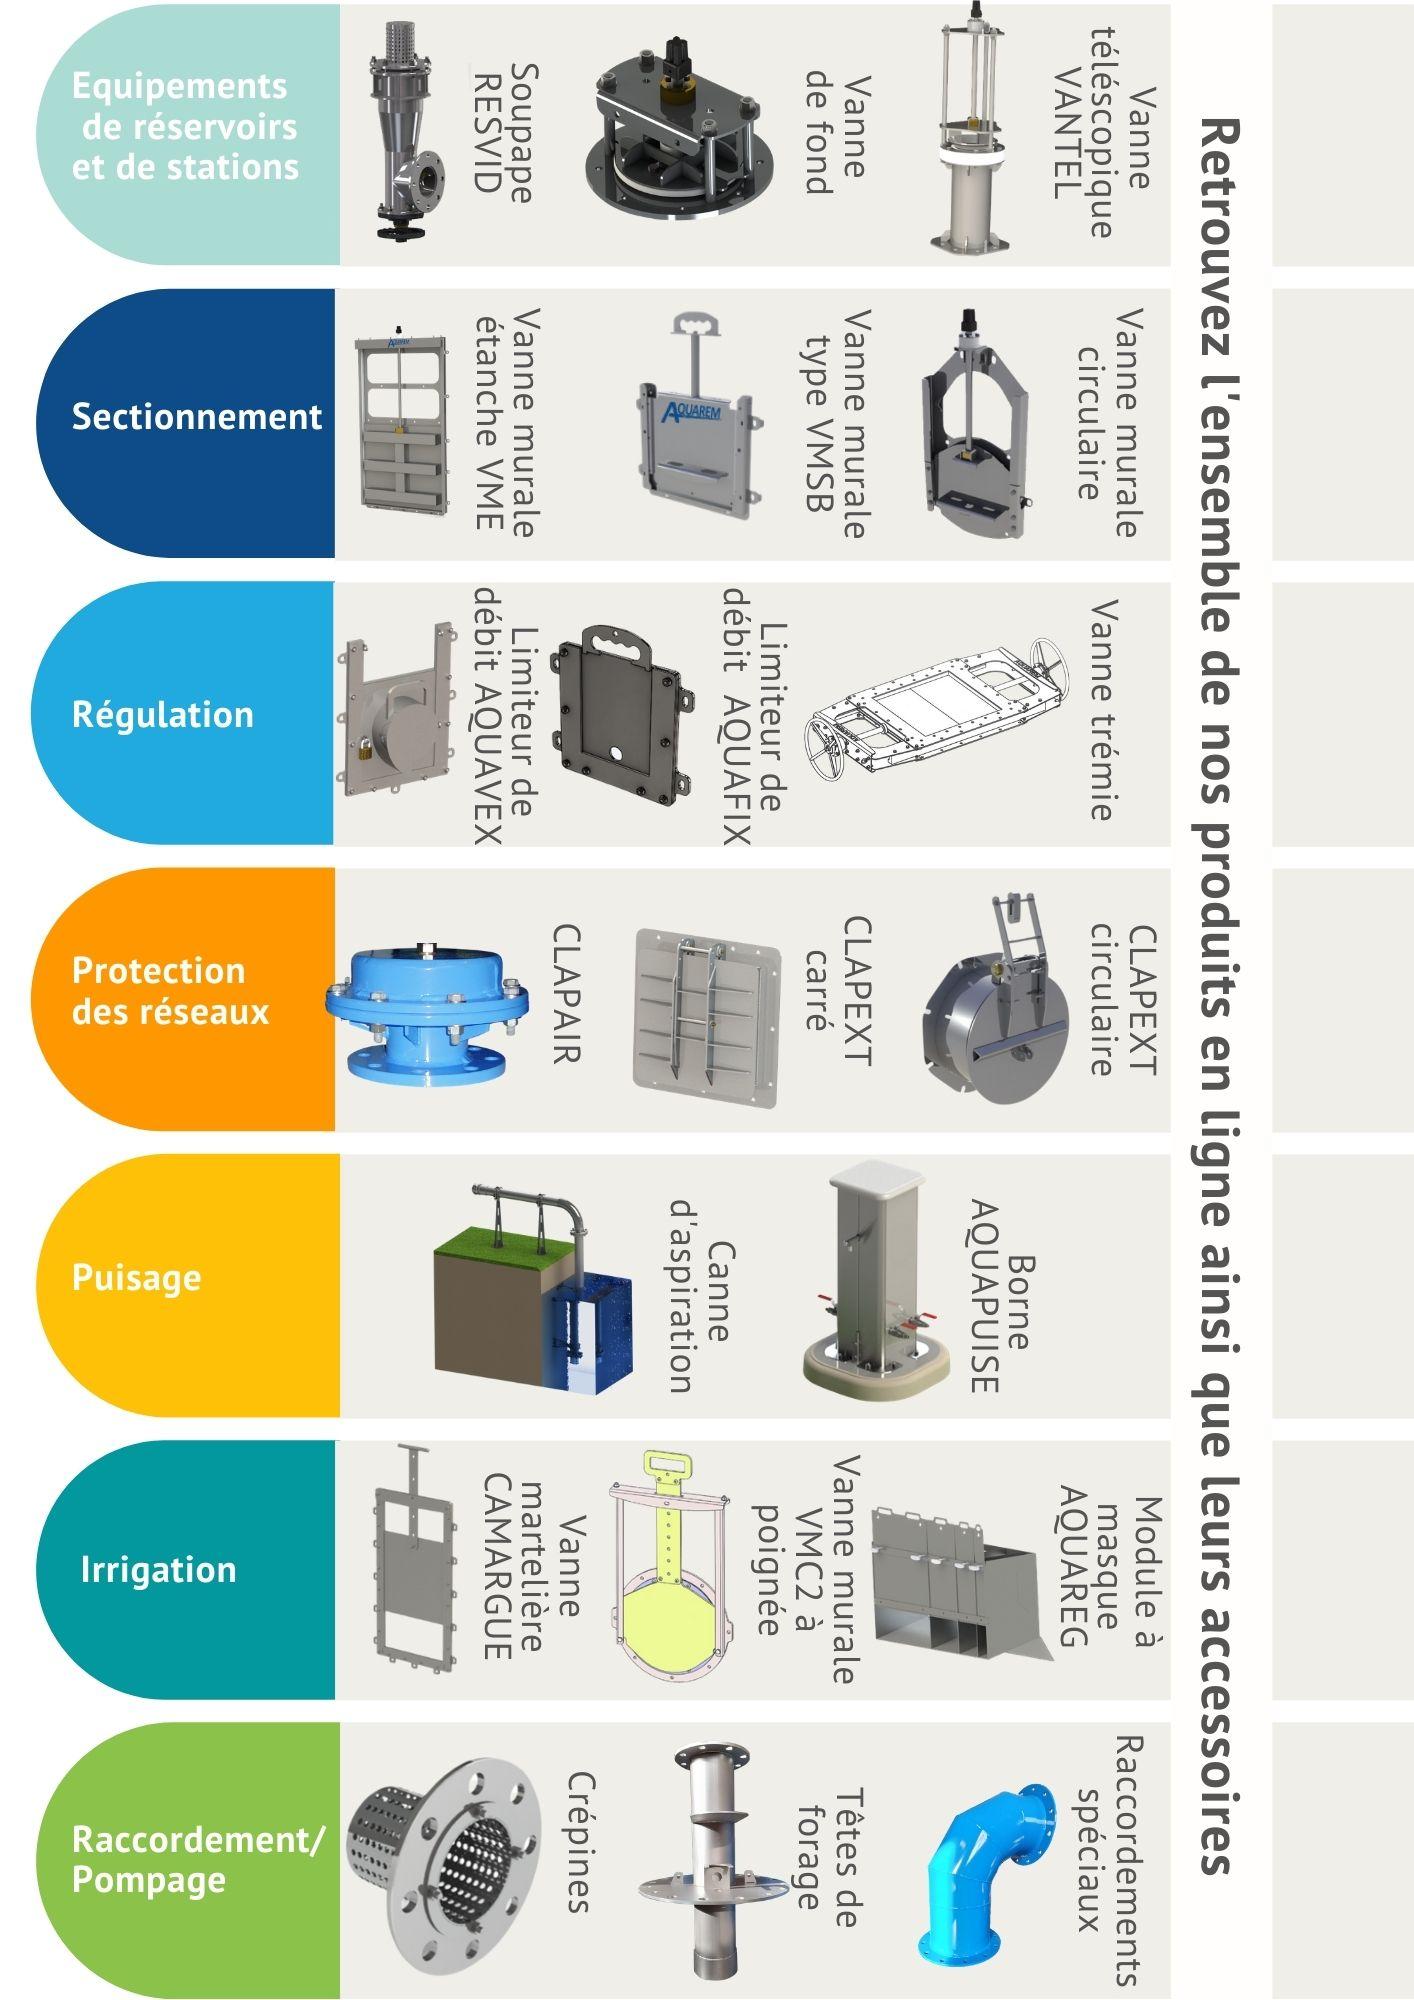 Les produits aquarem-environnementà Dagneux dans l'Ain près de Lyon: équipements de réservoirs et de stations, sectionnement, régulation, protection des réseaux, puisage, irrigation, raccordement et pompage